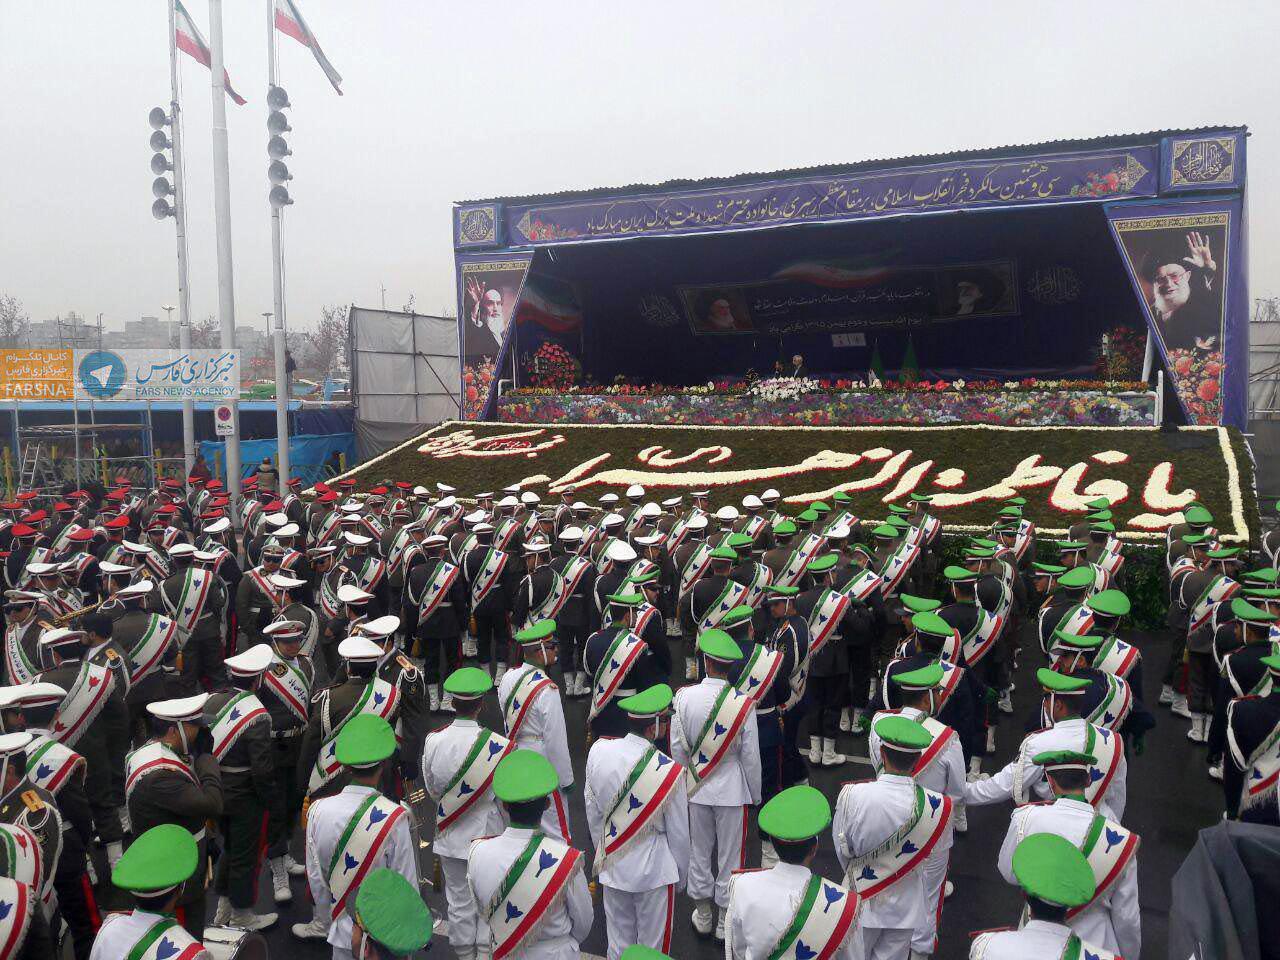 22 بهمن با حضور پرشور مردم آغاز شد/از حضور ی آتش نشان تا نمایش اقتدار ملی در خیابان +تصاویر